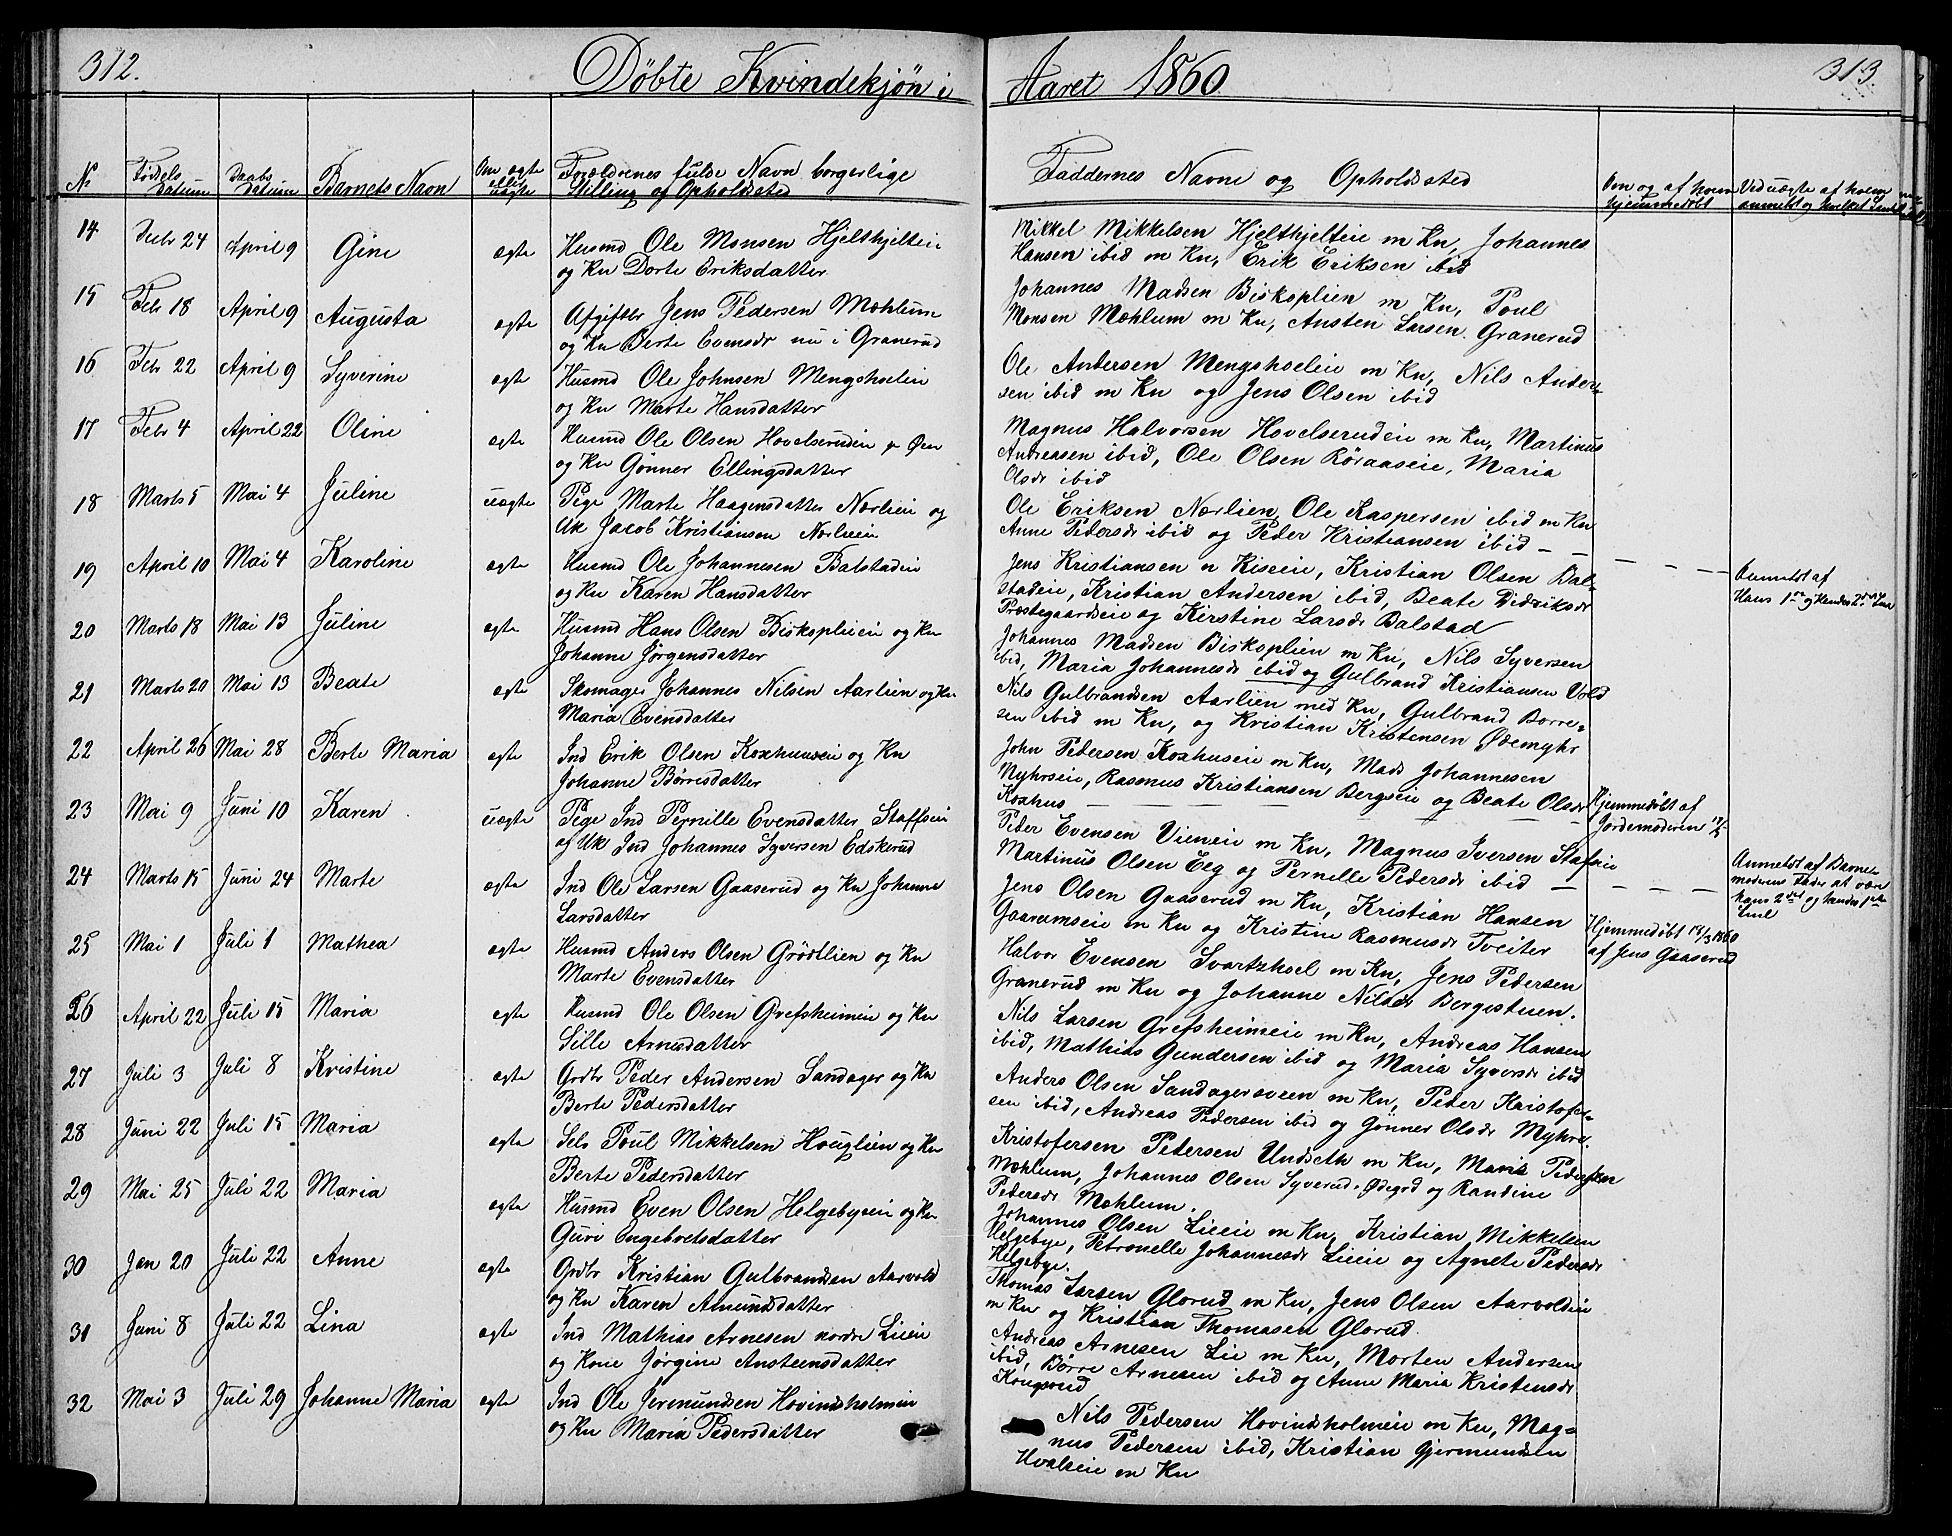 SAH, Nes prestekontor, L/La/L0005: Klokkerbok nr. 5, 1852-1889, s. 312-313